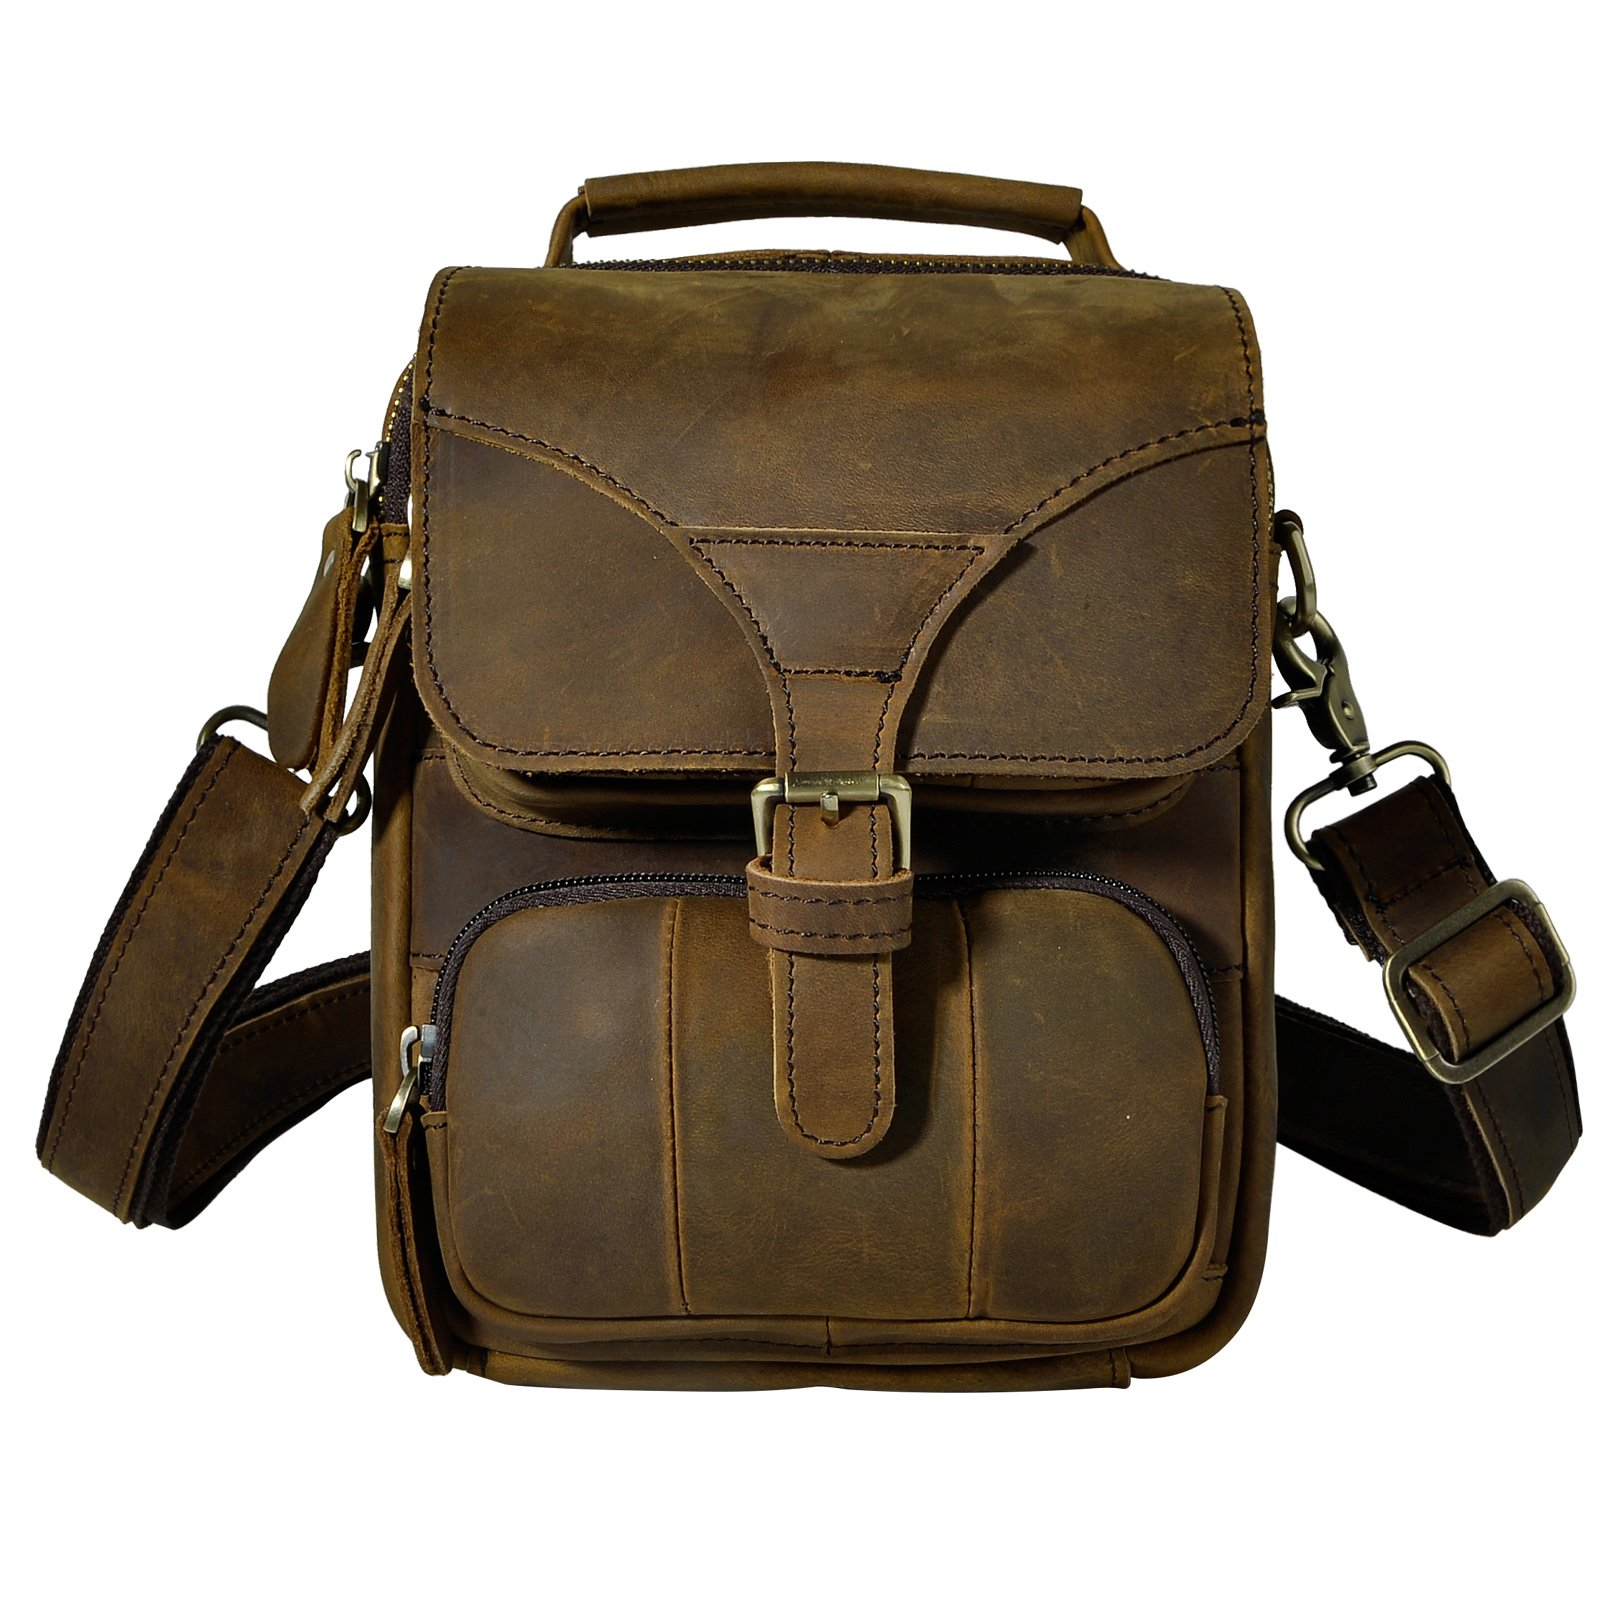 Le'aokuu Men Real Leather Sling Messenger Shoulder Bag Waist Belt Pack Bag Tote 2074 (dark brown)